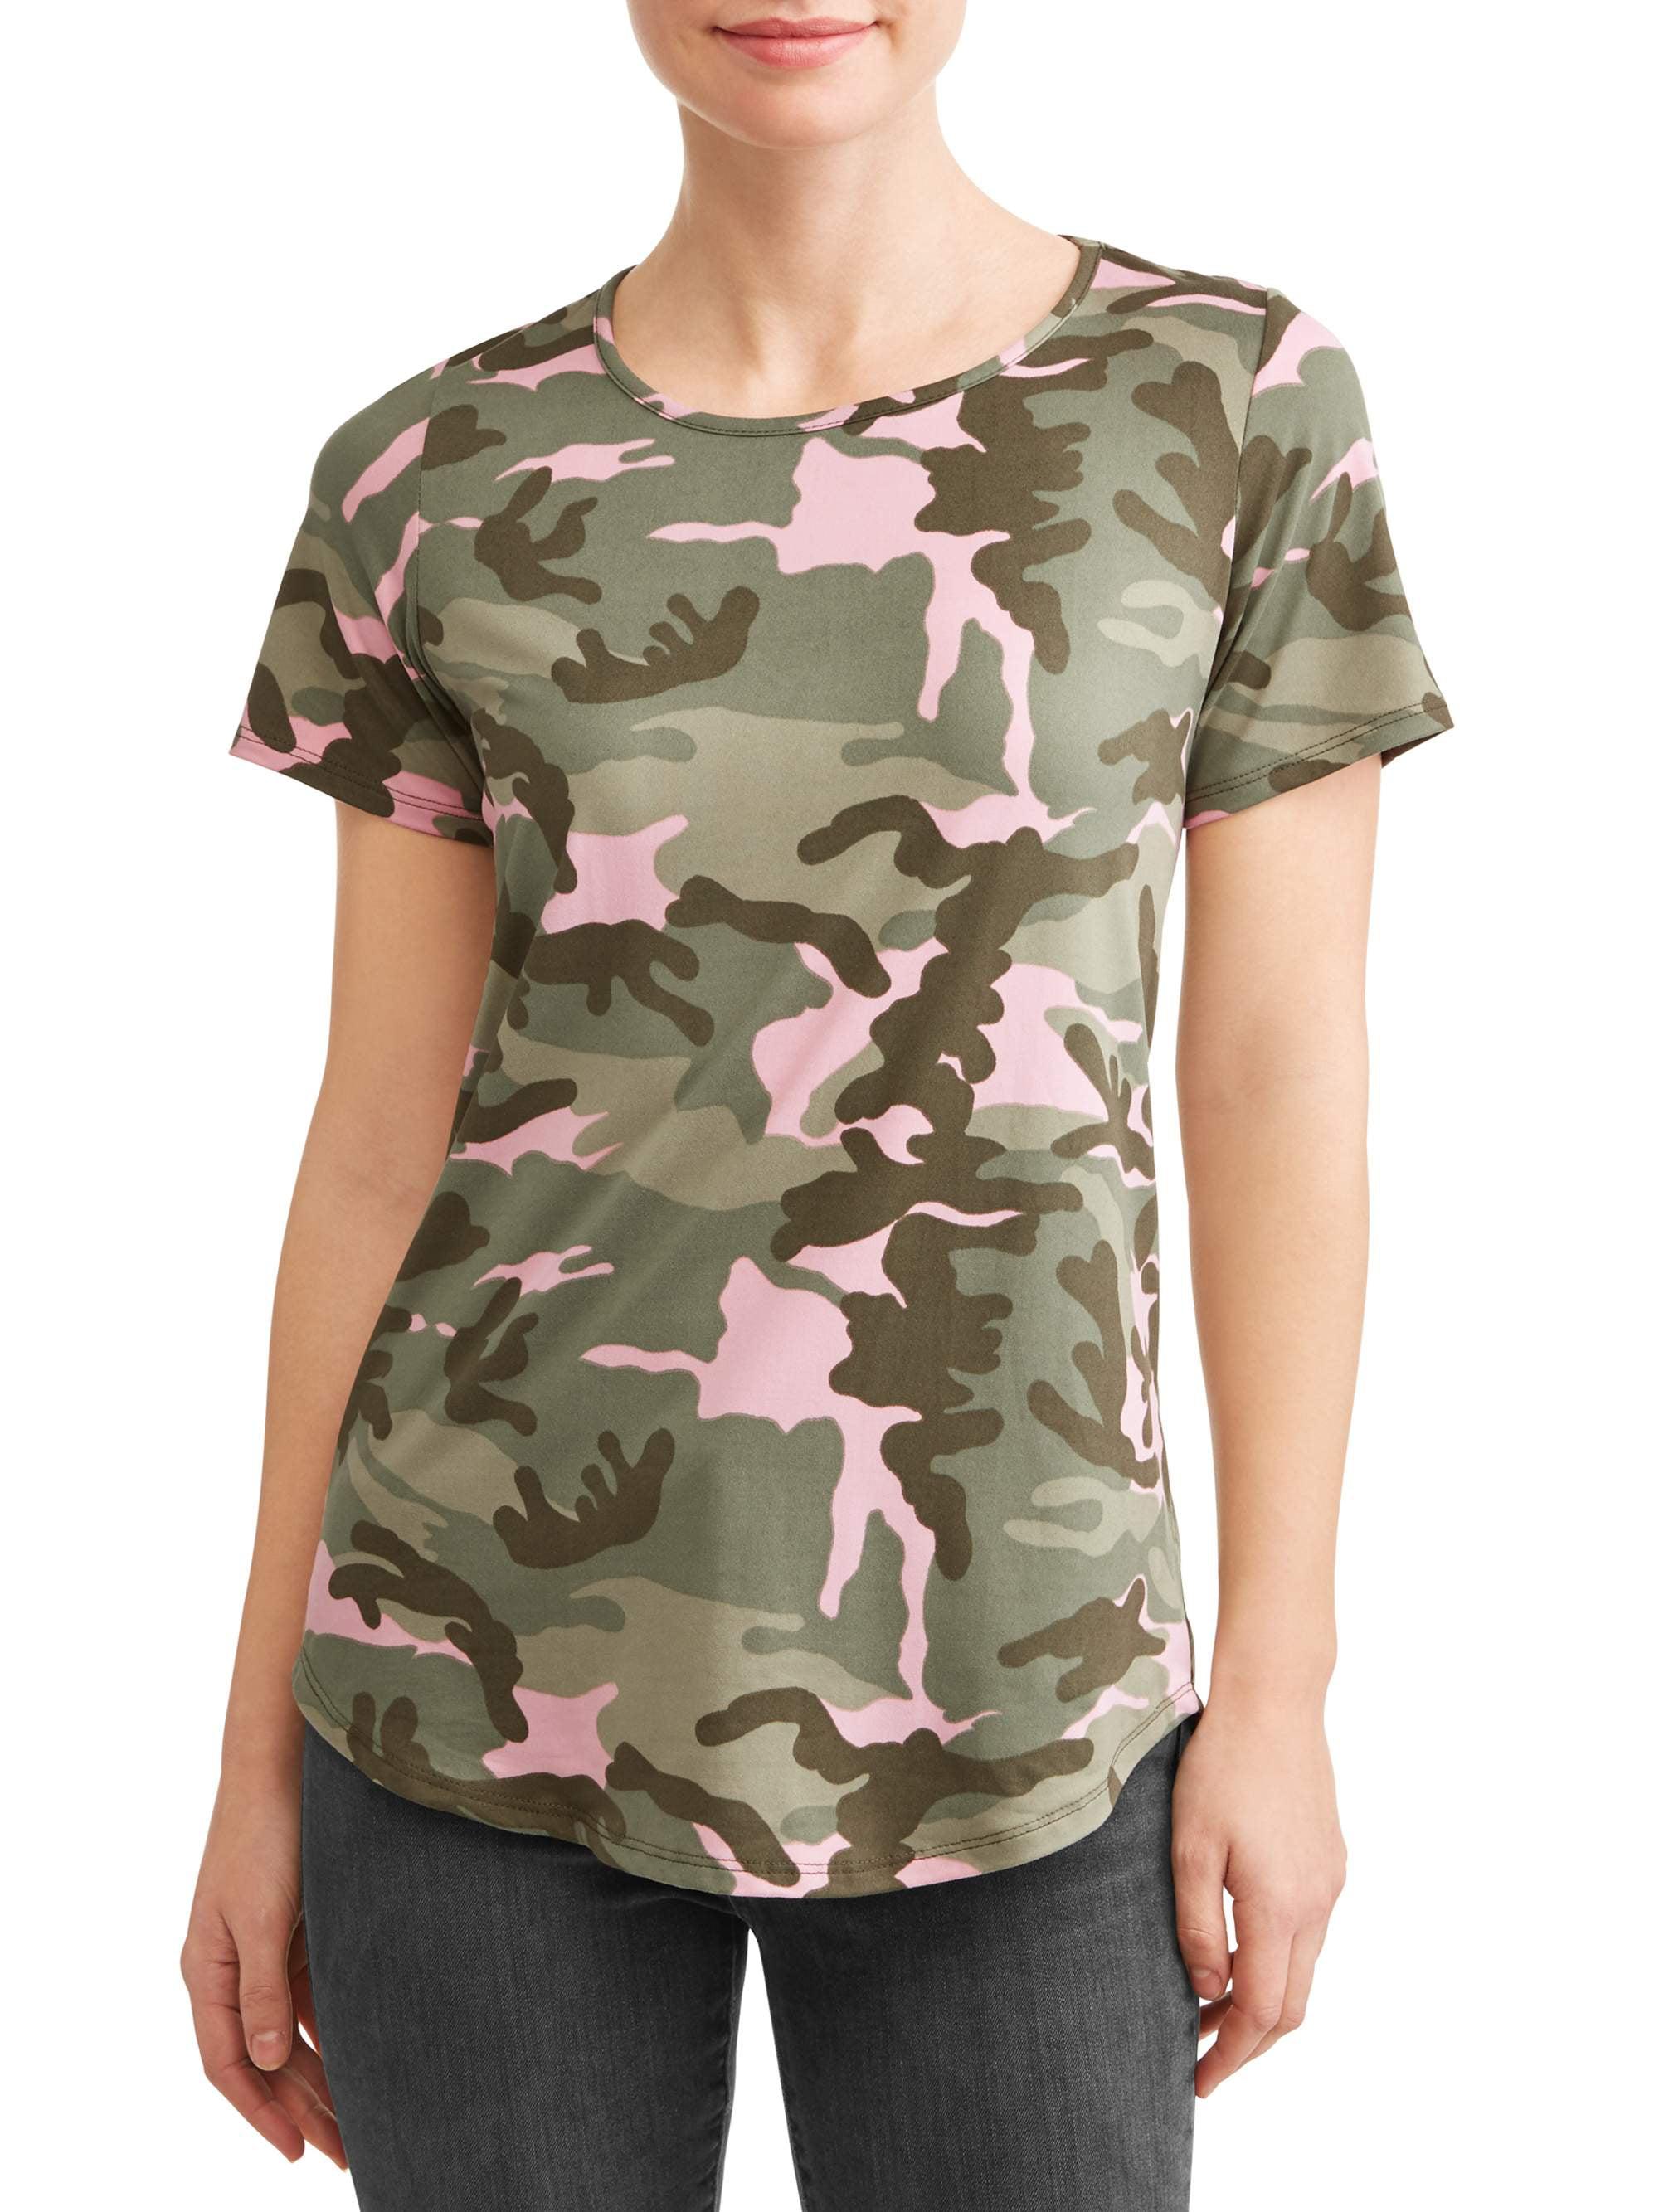 Women's Camo Short Sleeve T-Shirt